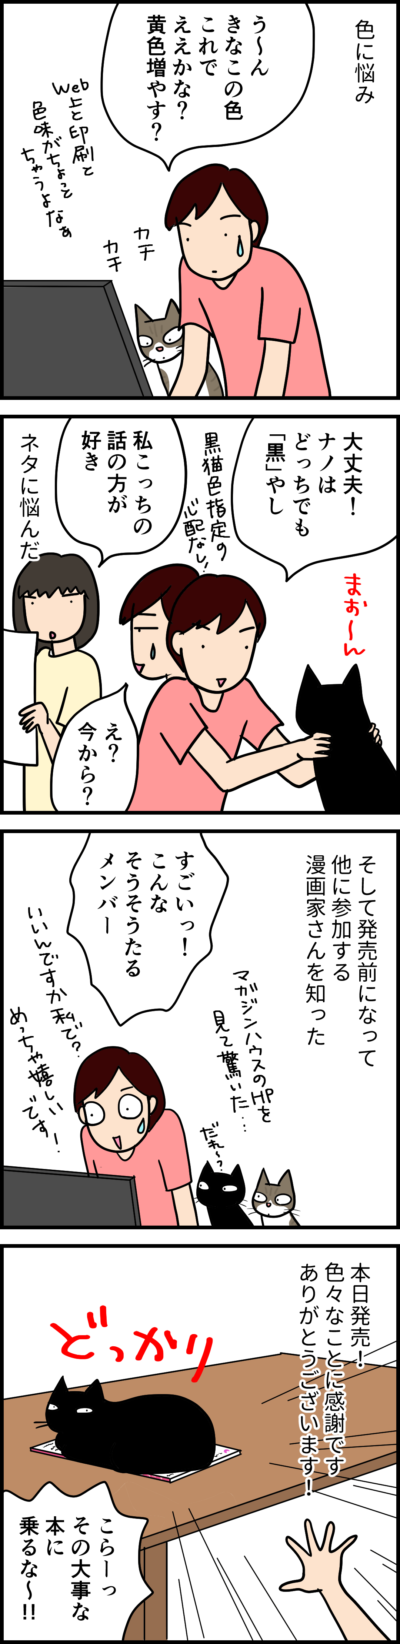 猫まんがいつでもモフモフのお知らせ漫画